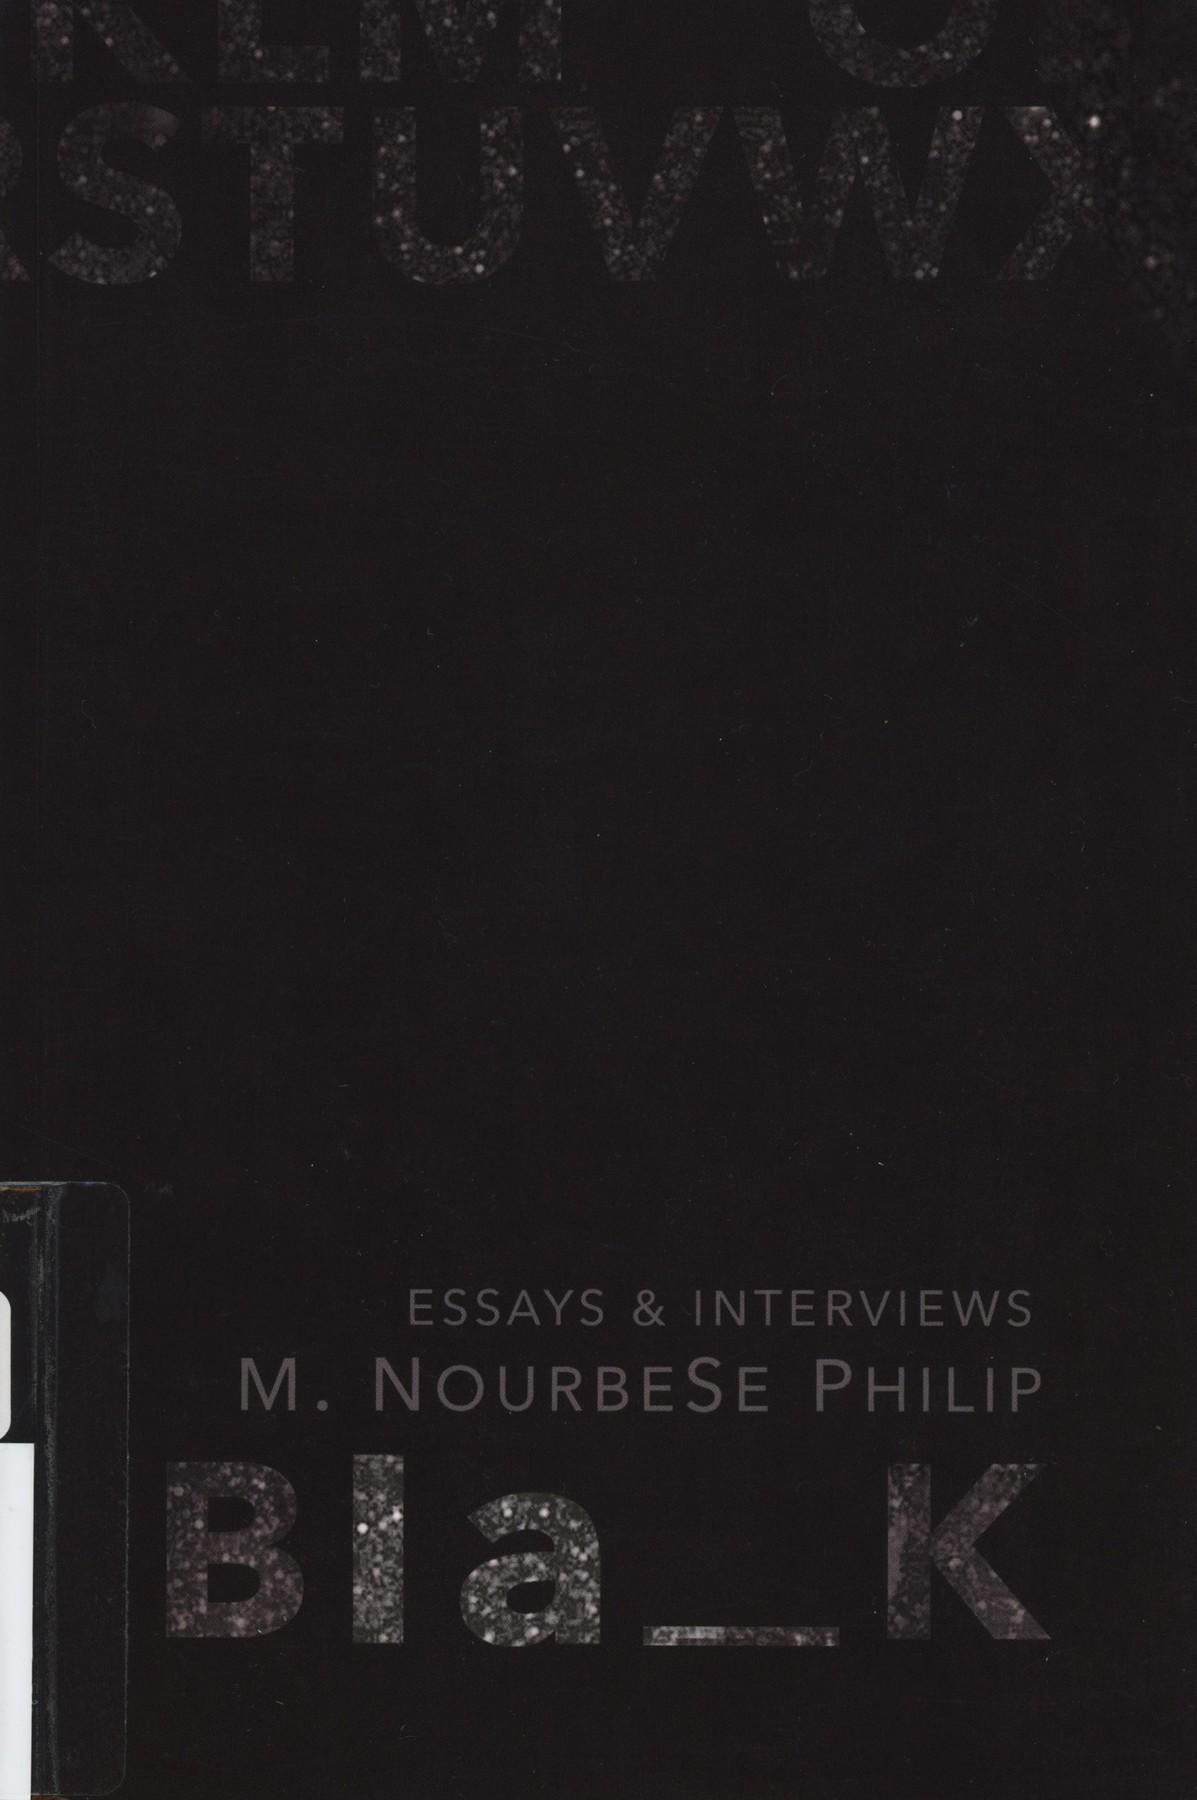 M. NourbeSe Philip